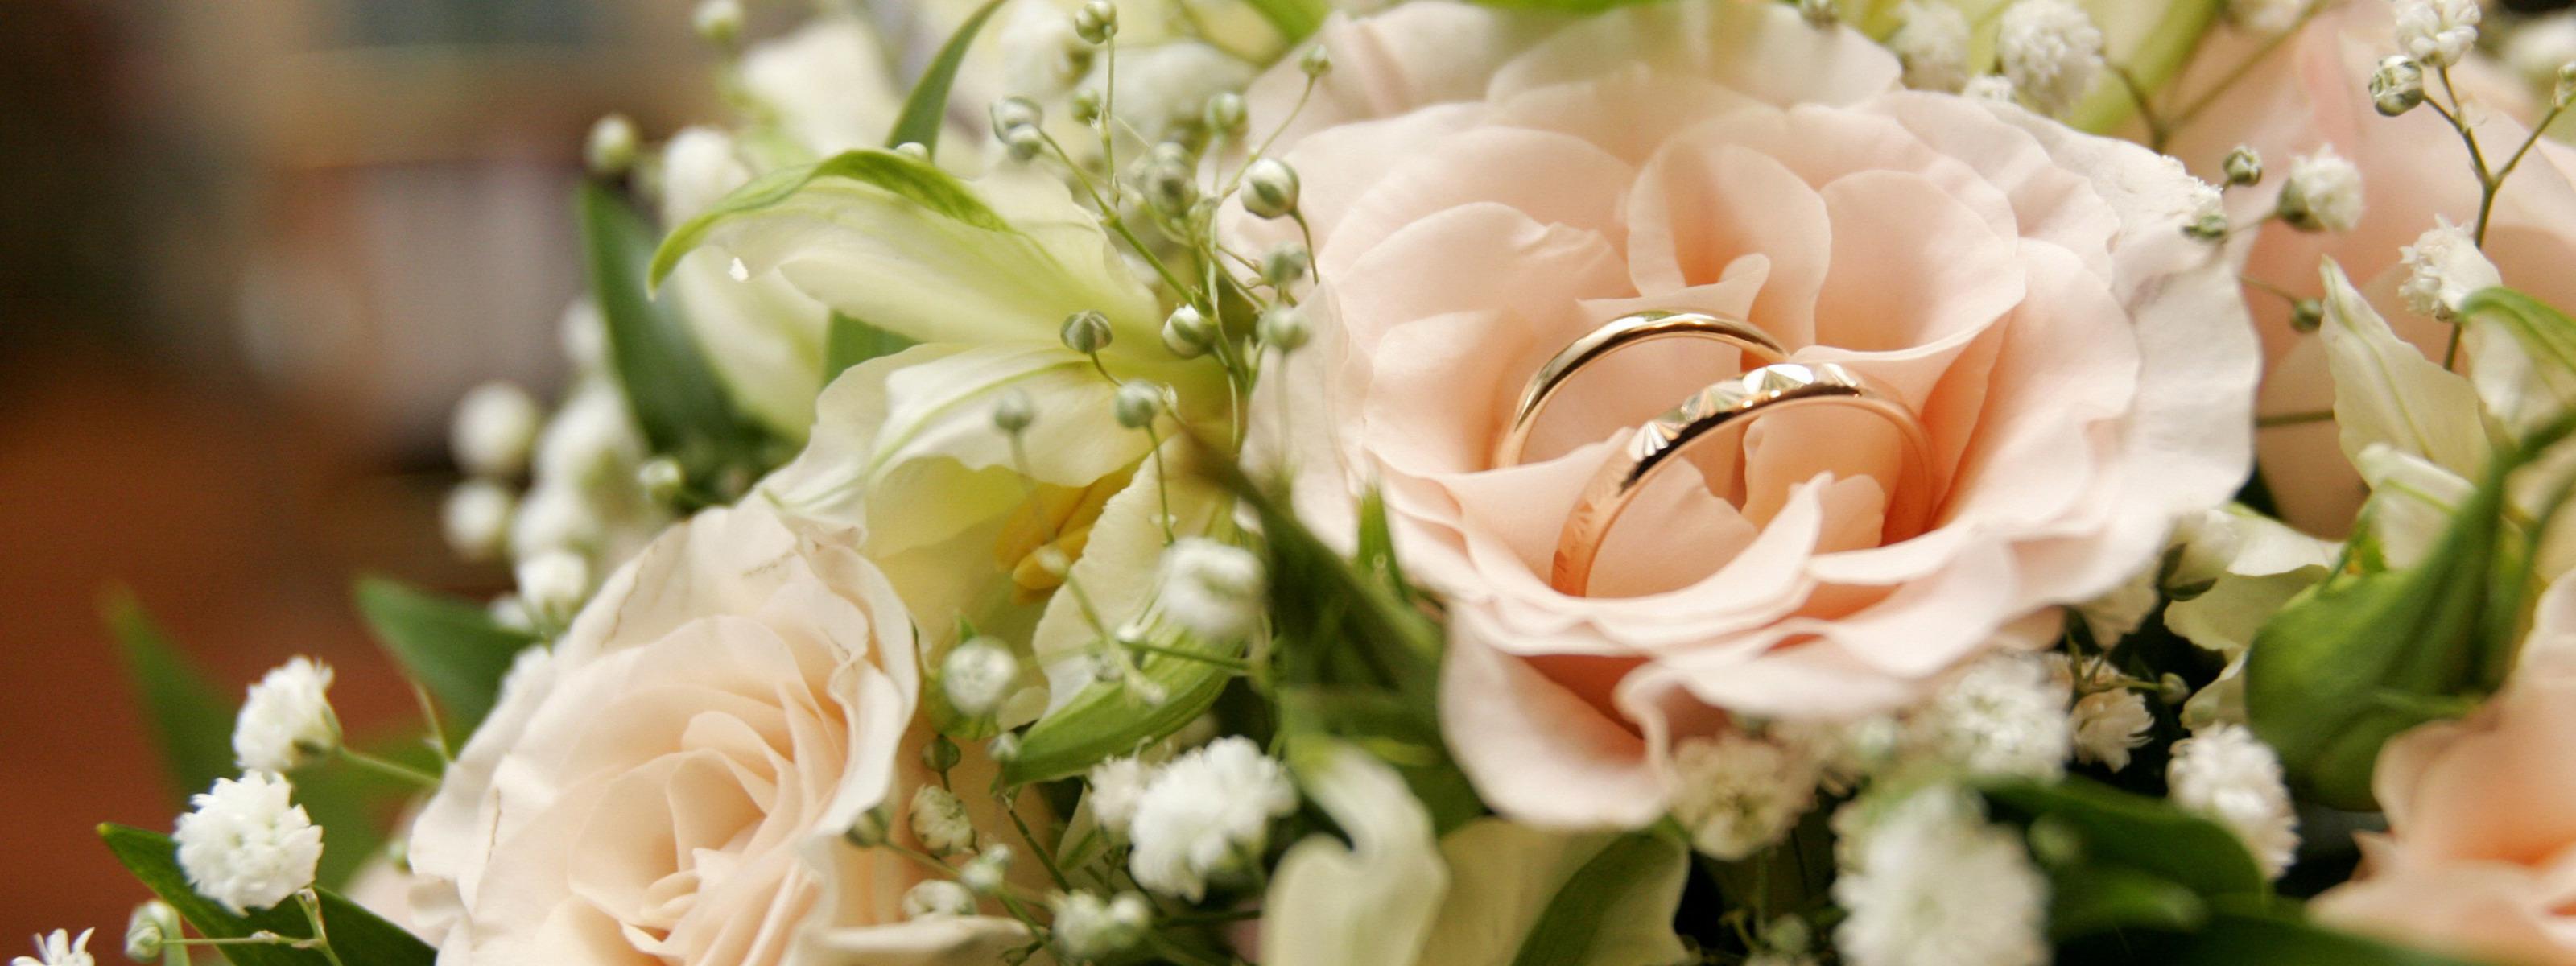 Картинки сделать, цветы фото на свадьбу открытка